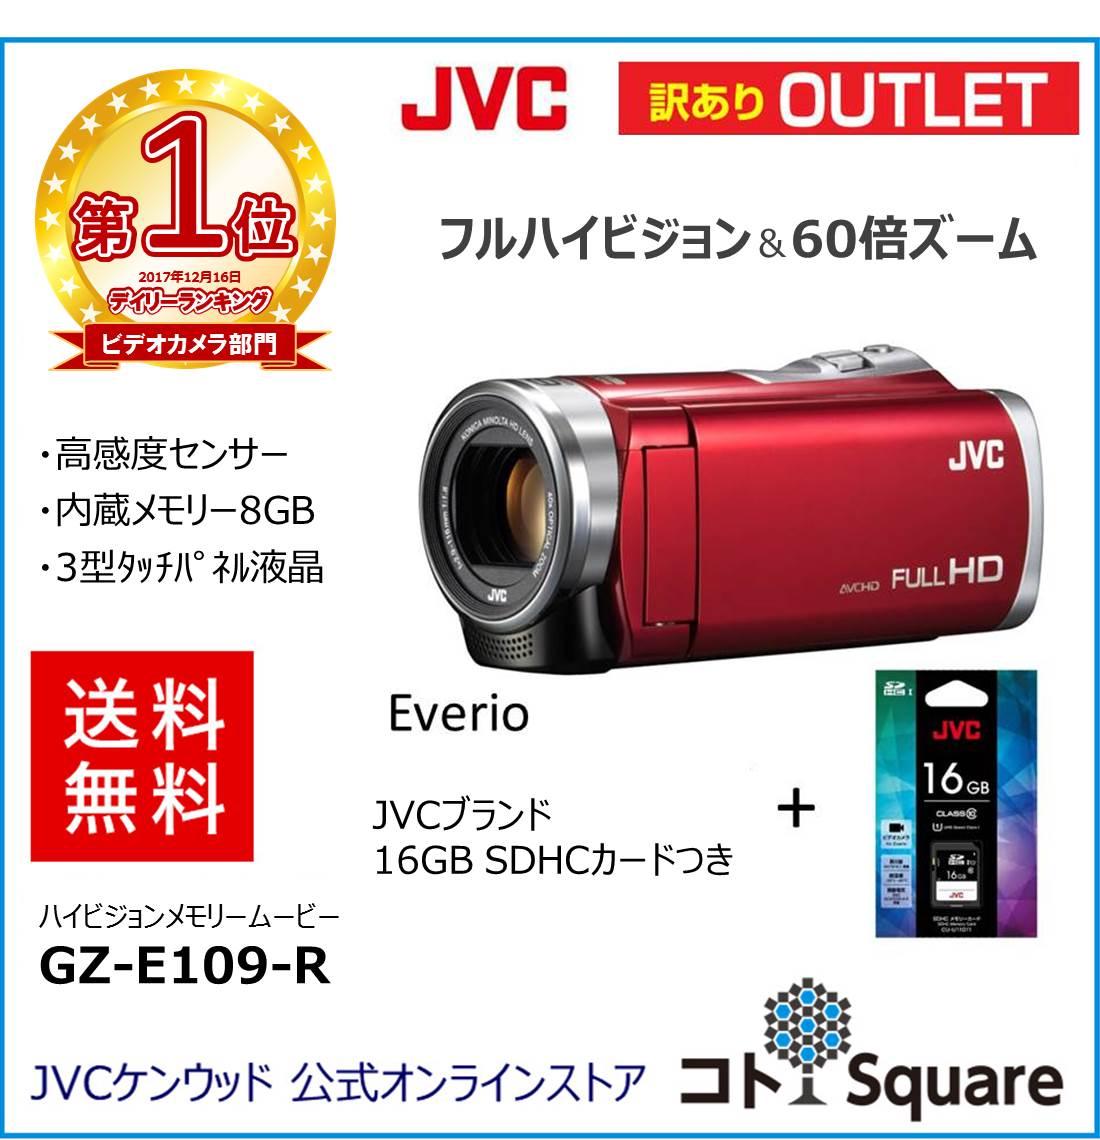 【アウトレット】【全国送料無料】JVC ビデオカメラ GZ-E109-R 小型軽量 エブリオ 旅行 出産 結婚式 レジャー 運動会 フルハイビジョン ムービーカメラ jvc 16GB SDHCカード付き ダイナミック60倍ズーム BN-VG138 BN-VG129